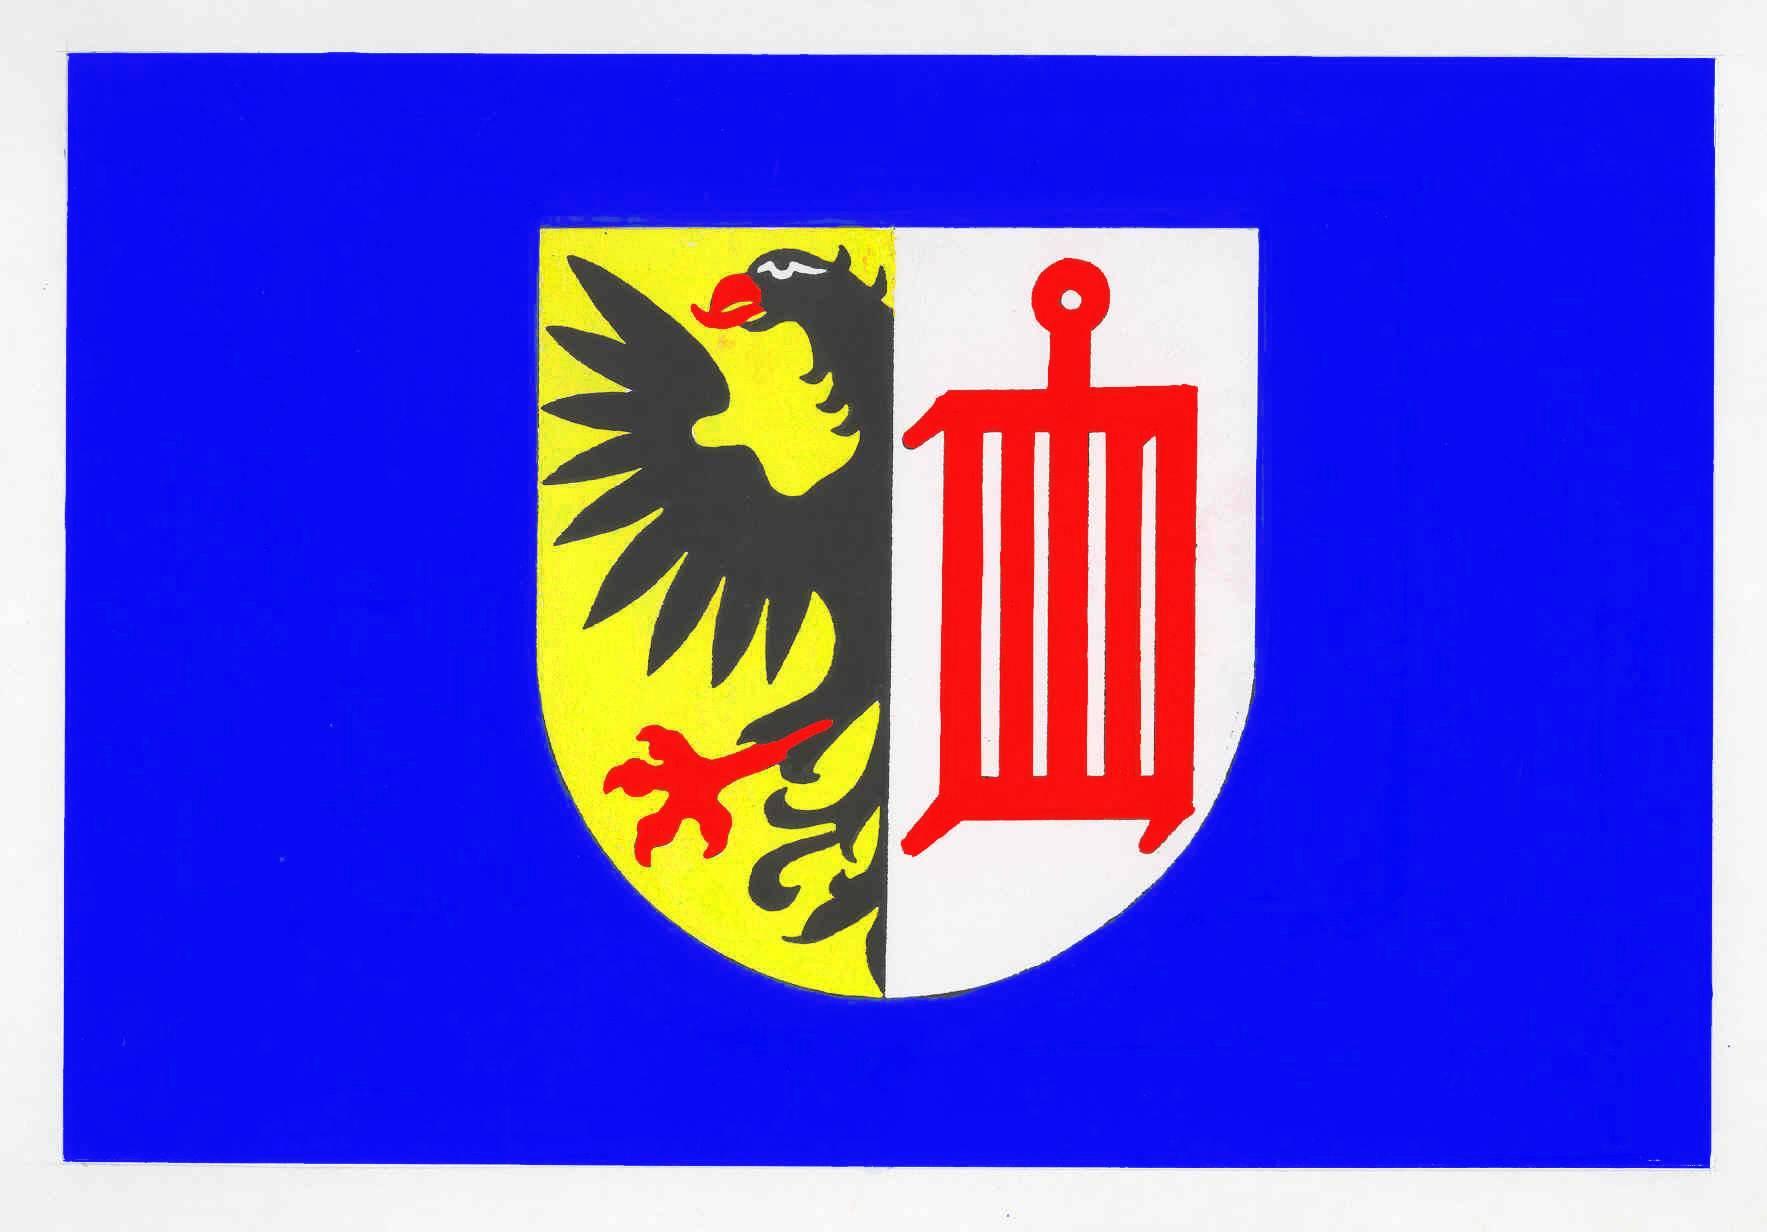 Flagge GemeindeLunden, Kreis Dithmarschen